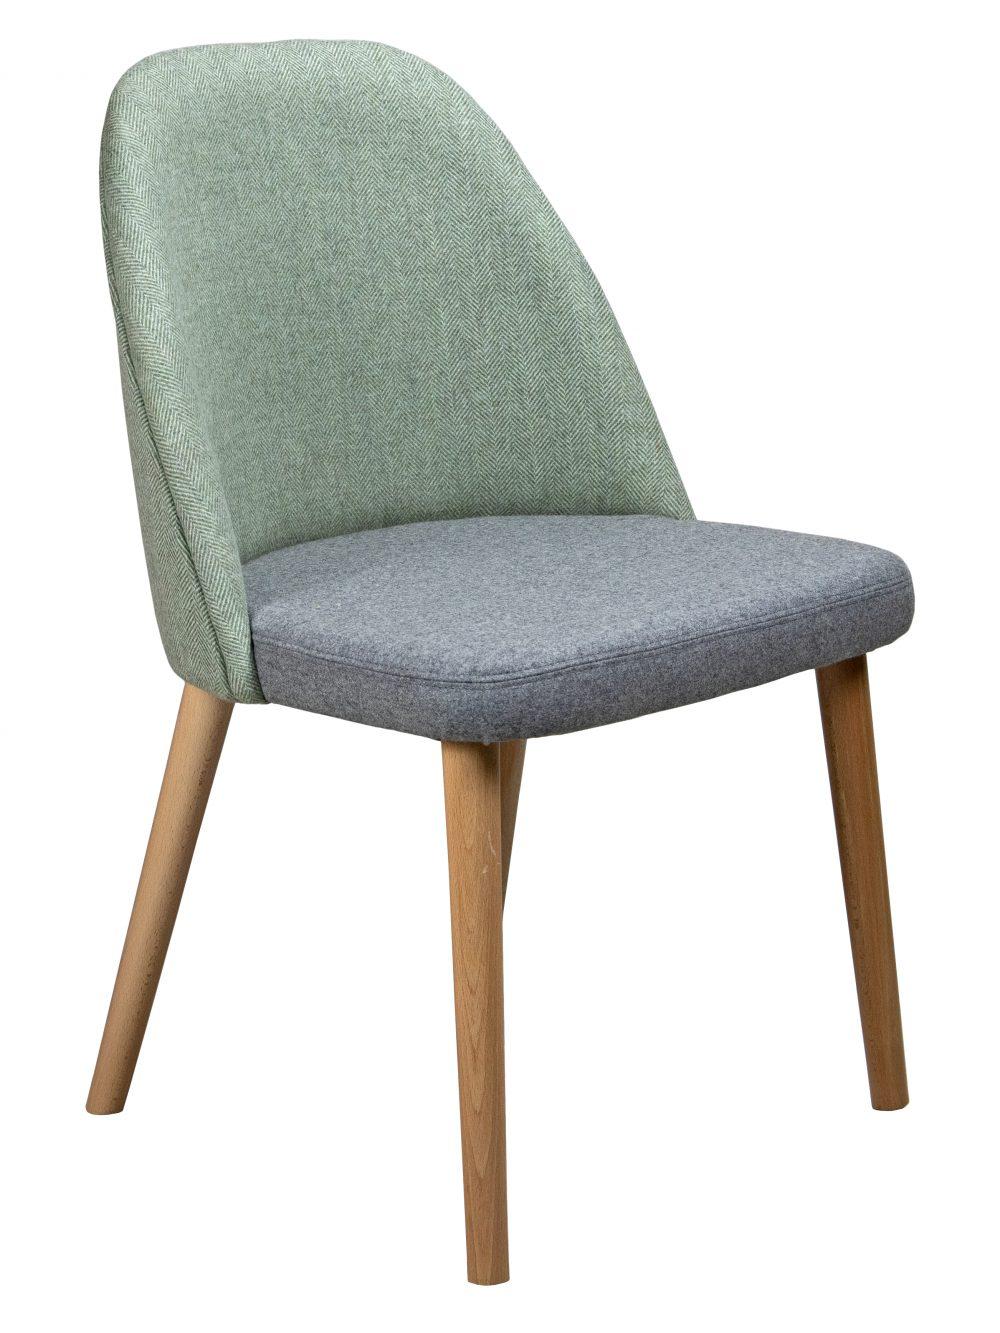 Calm side chair